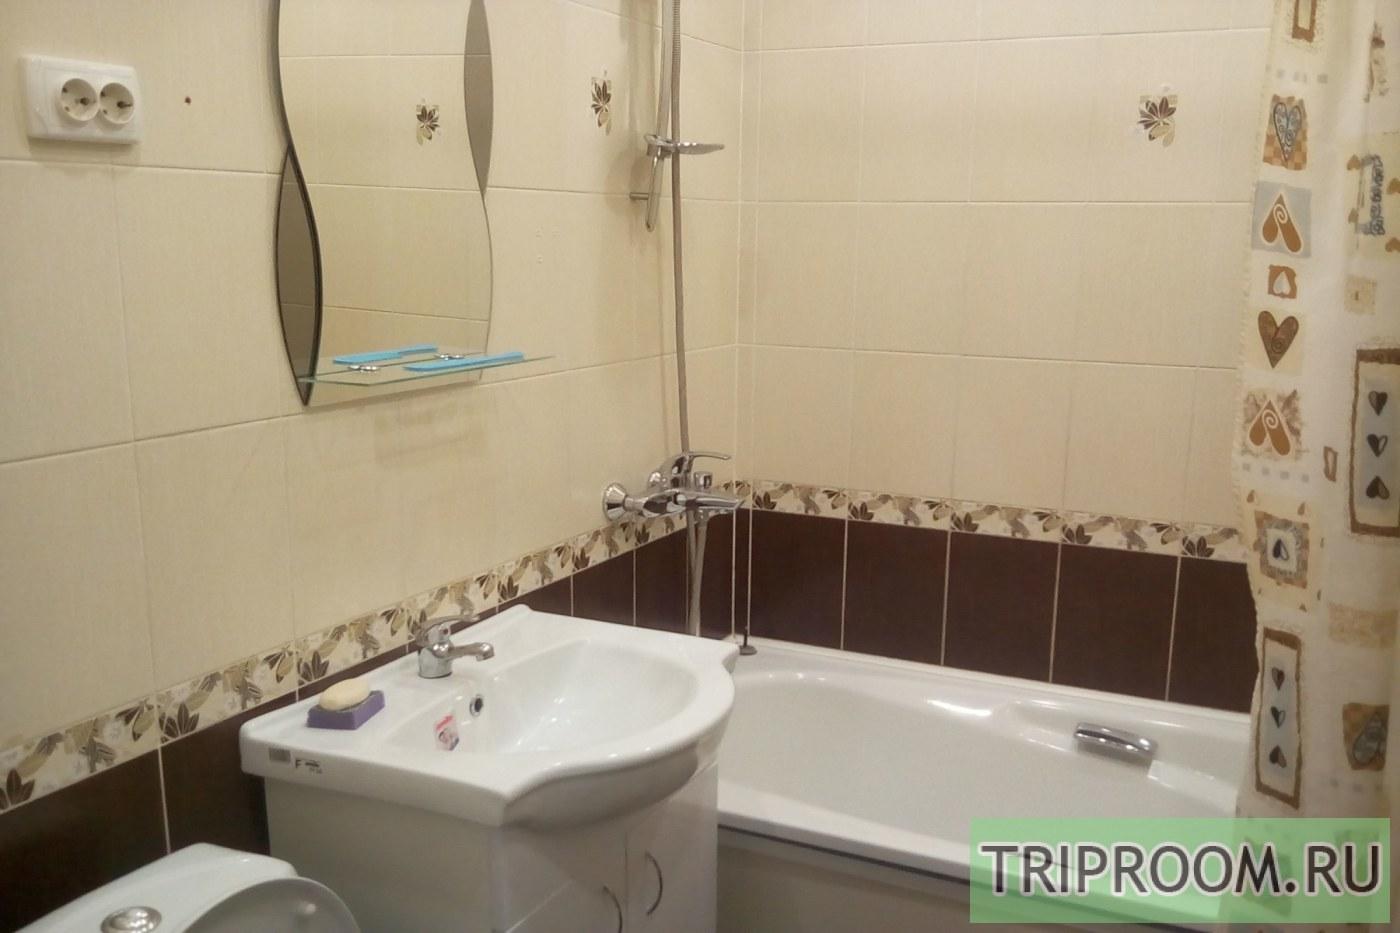 1-комнатная квартира посуточно (вариант № 39360), ул. Иркутский тракт, фото № 8